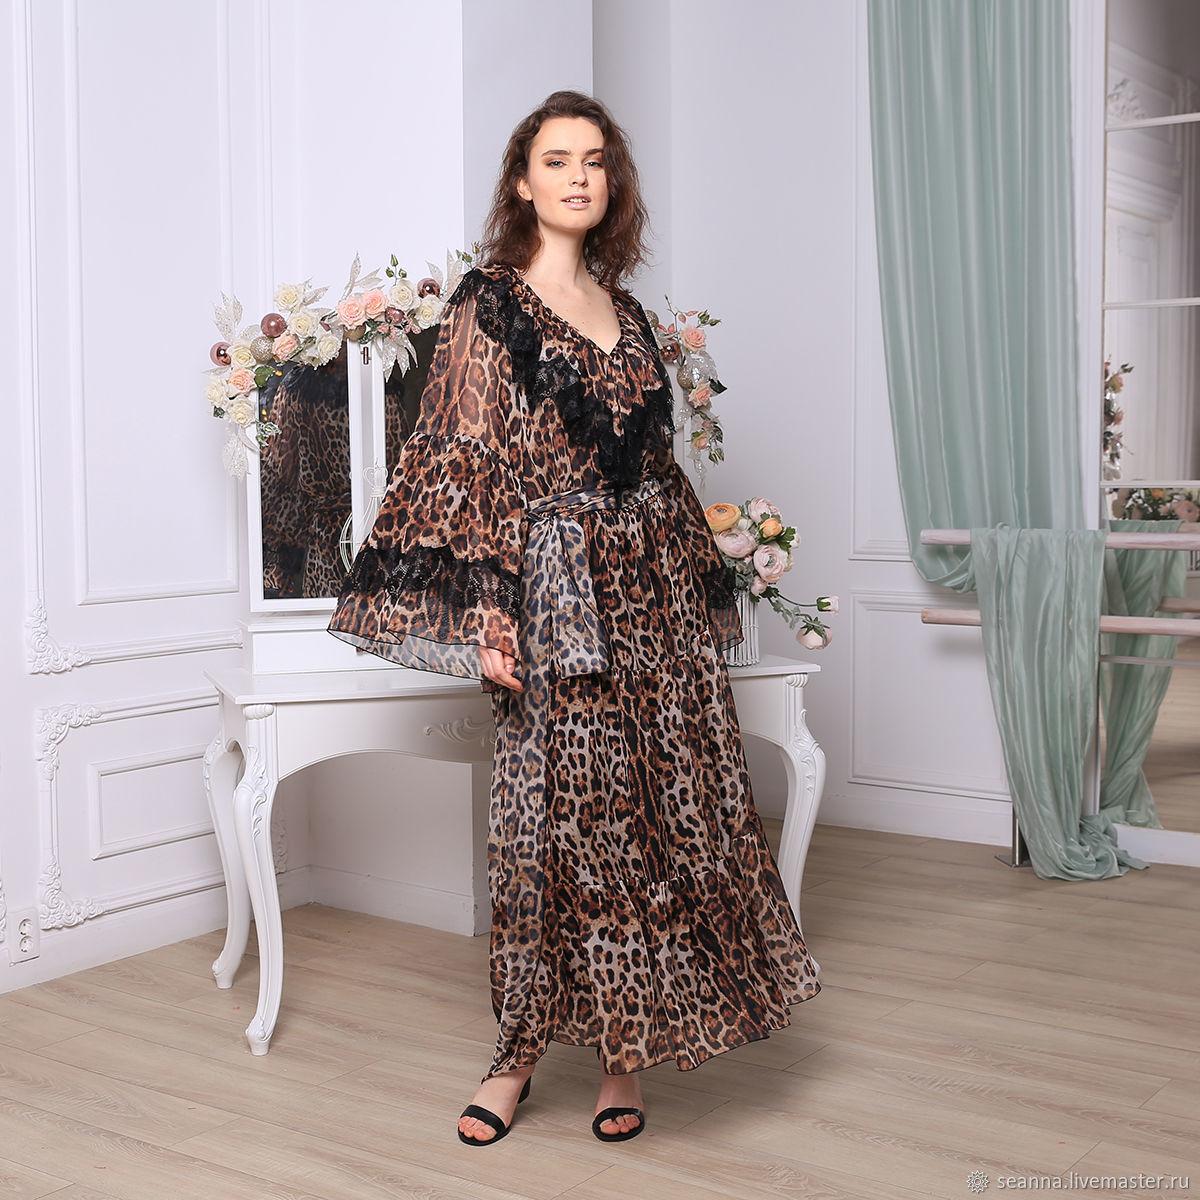 Платье воздушное роскошное и очень удобное, сразу на 3 размера+пояс, Платья, Воронеж, Фото №1